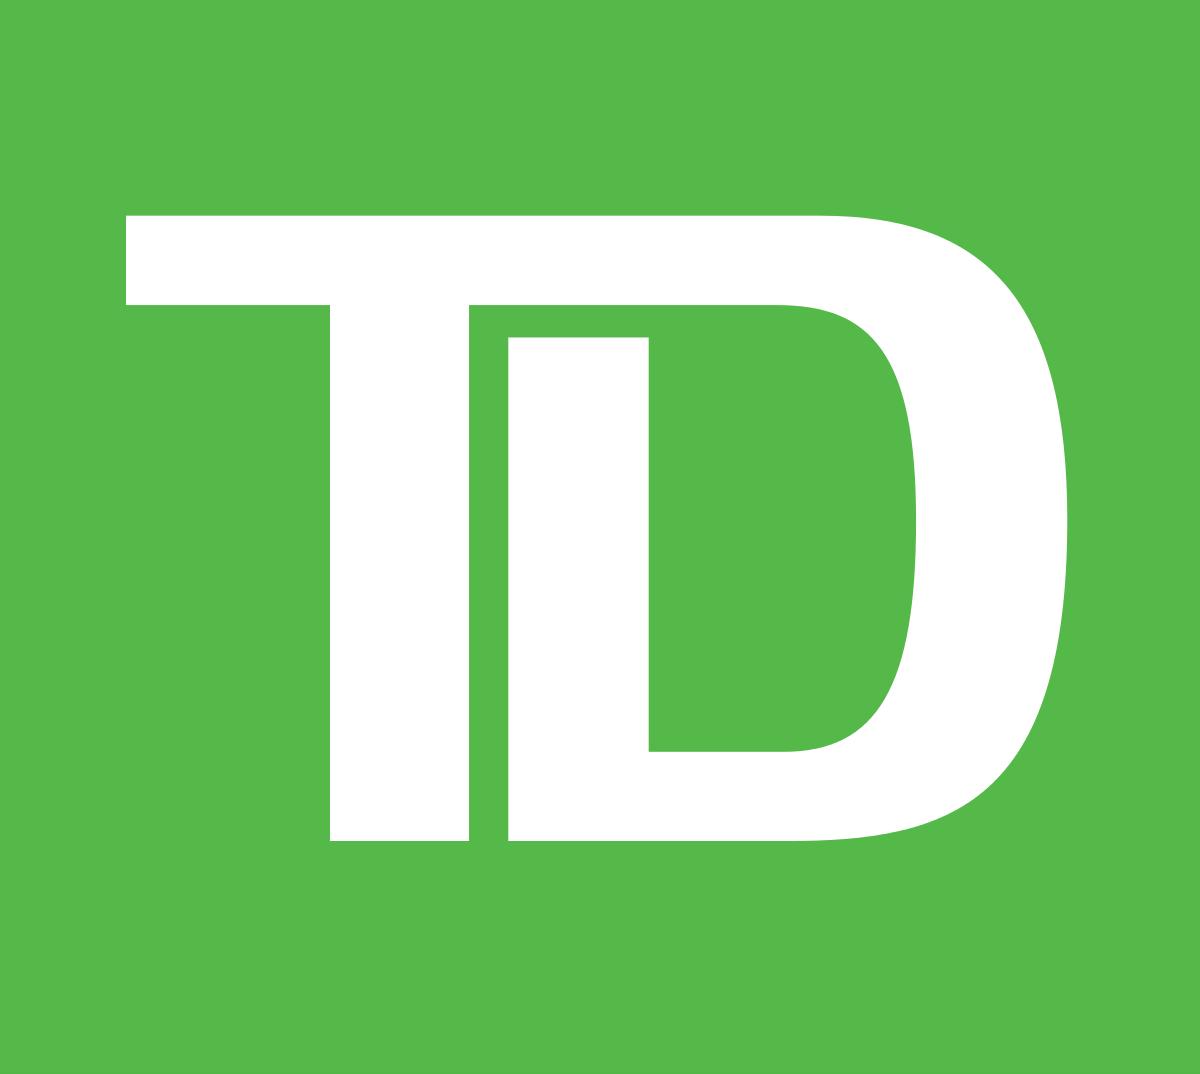 Spory o přečerpání TD Bank